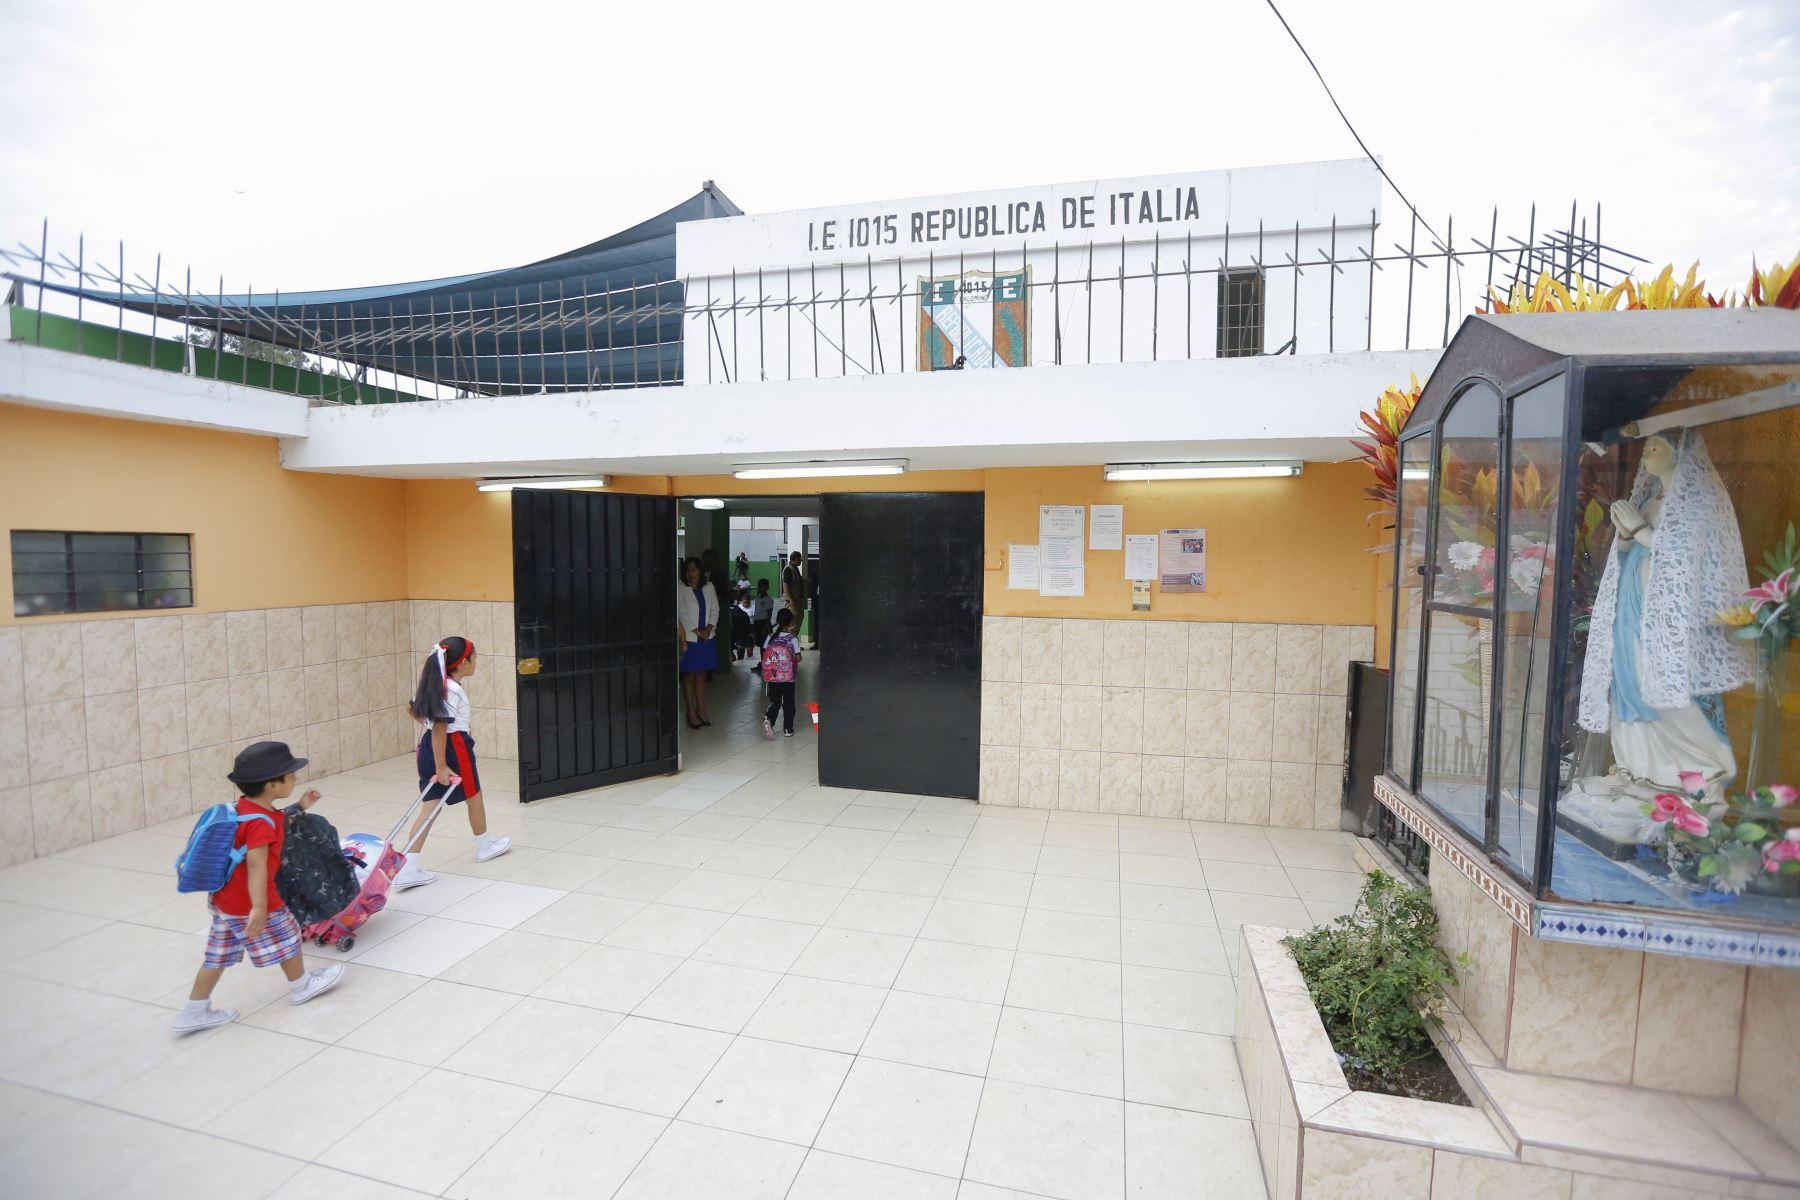 Jefe de Estado inspecciona I. E. N° 1015 República de Italia, en el Cercado de Lima, donde realizó un balance del inicio del año escolar. Foto: ANDINA/Prensa Presidencia/ Carla Patiño